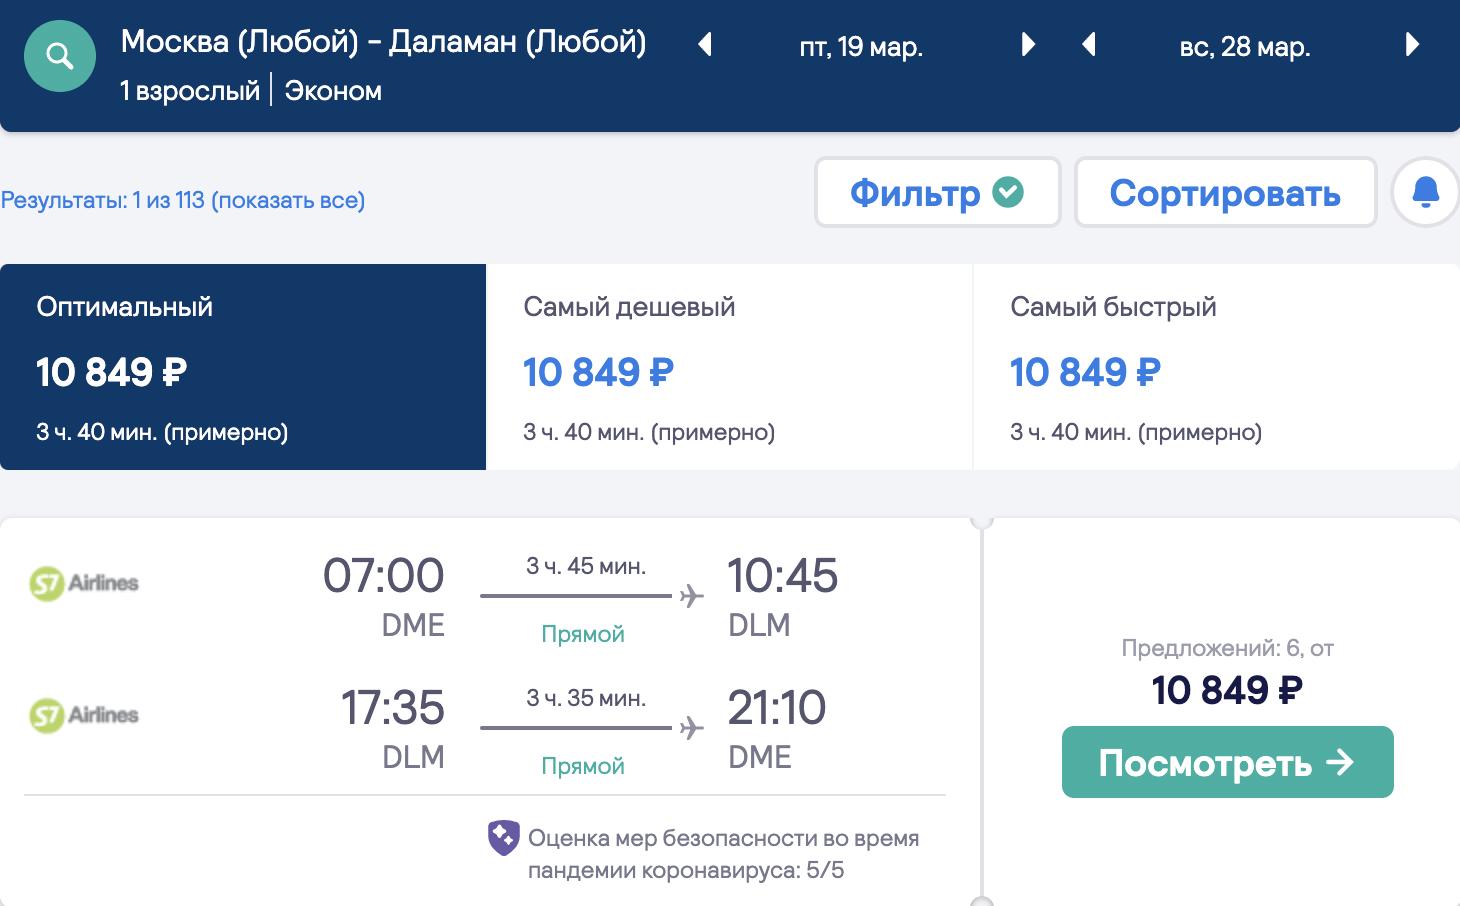 Прямые рейсы S7 из Москвы в Даламан за 10800₽ туда-обратно в марте